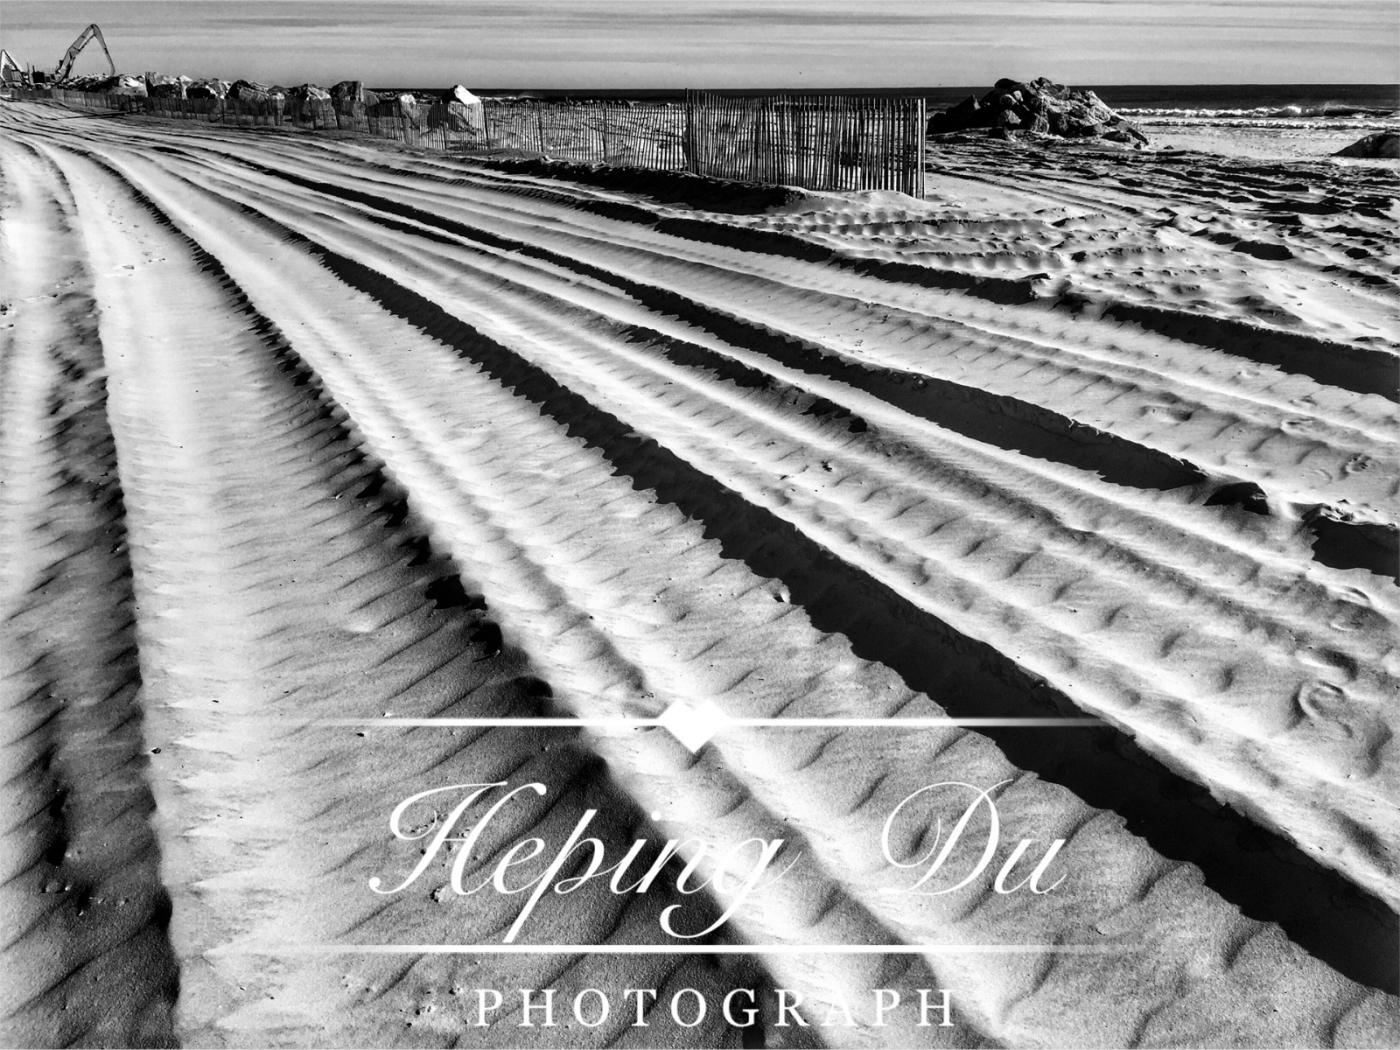 【盲流摄影】2018年1月手机摄影_图1-59